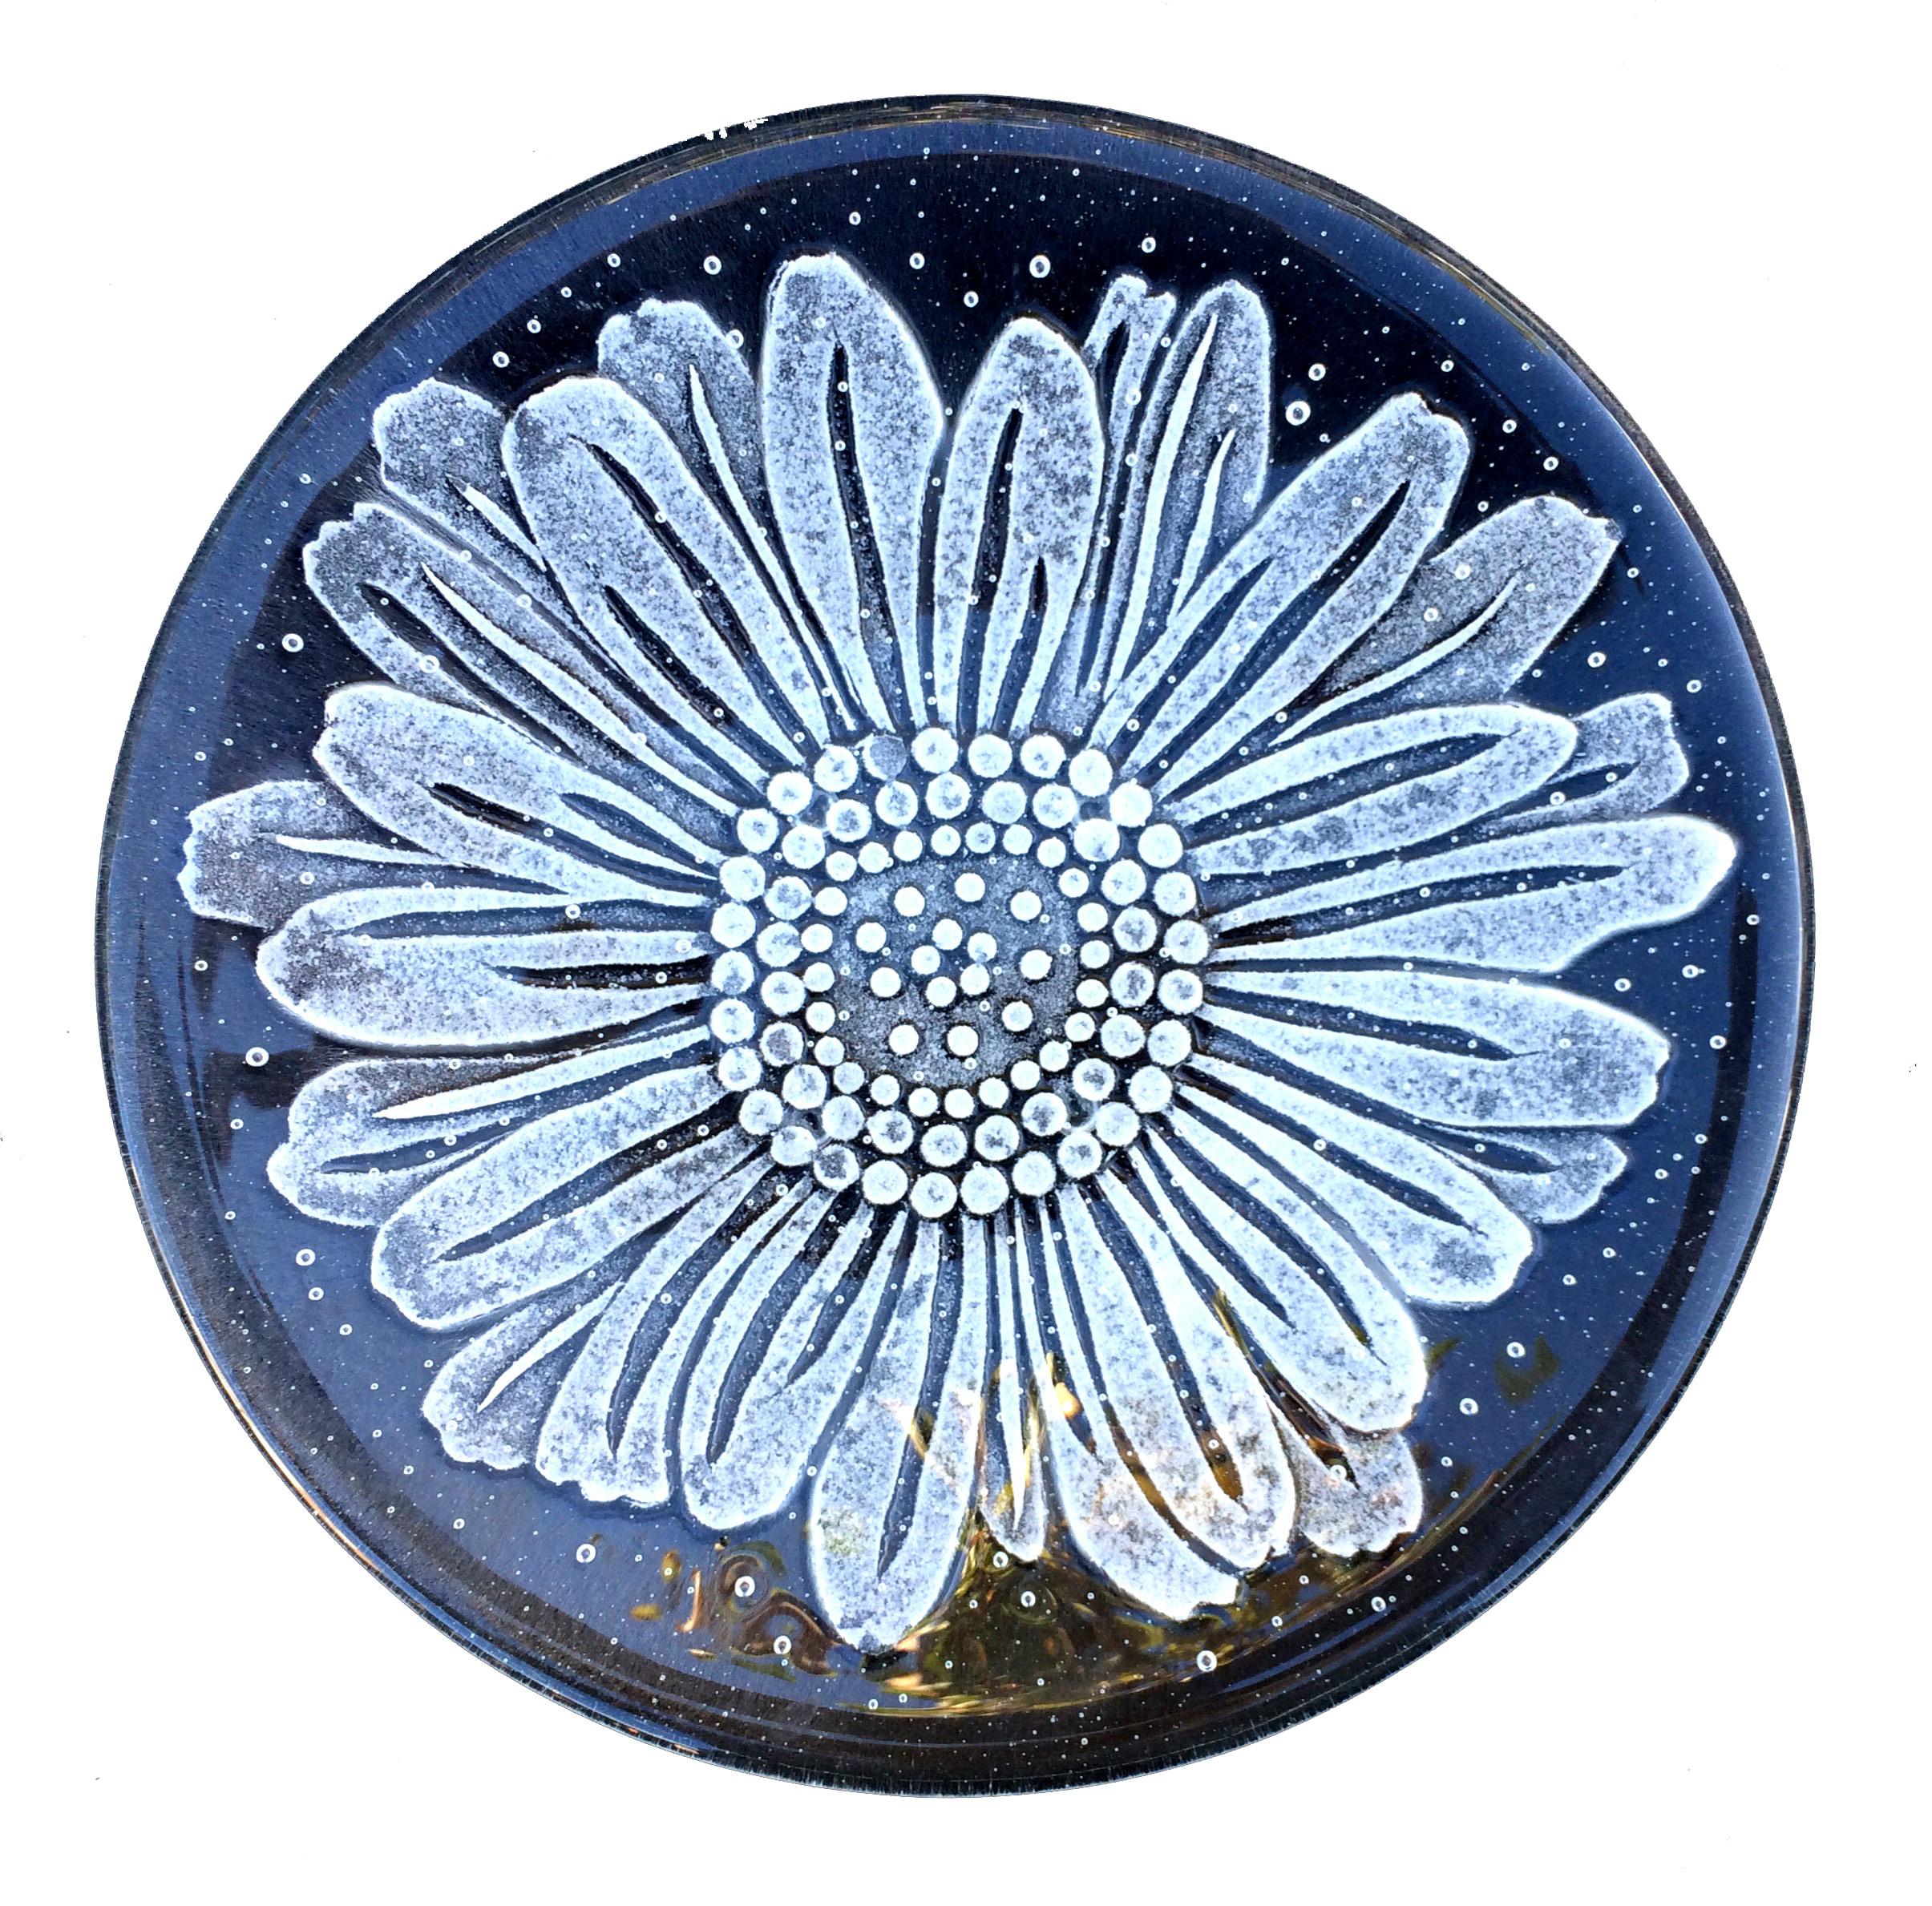 Daisy plate 1.jpg